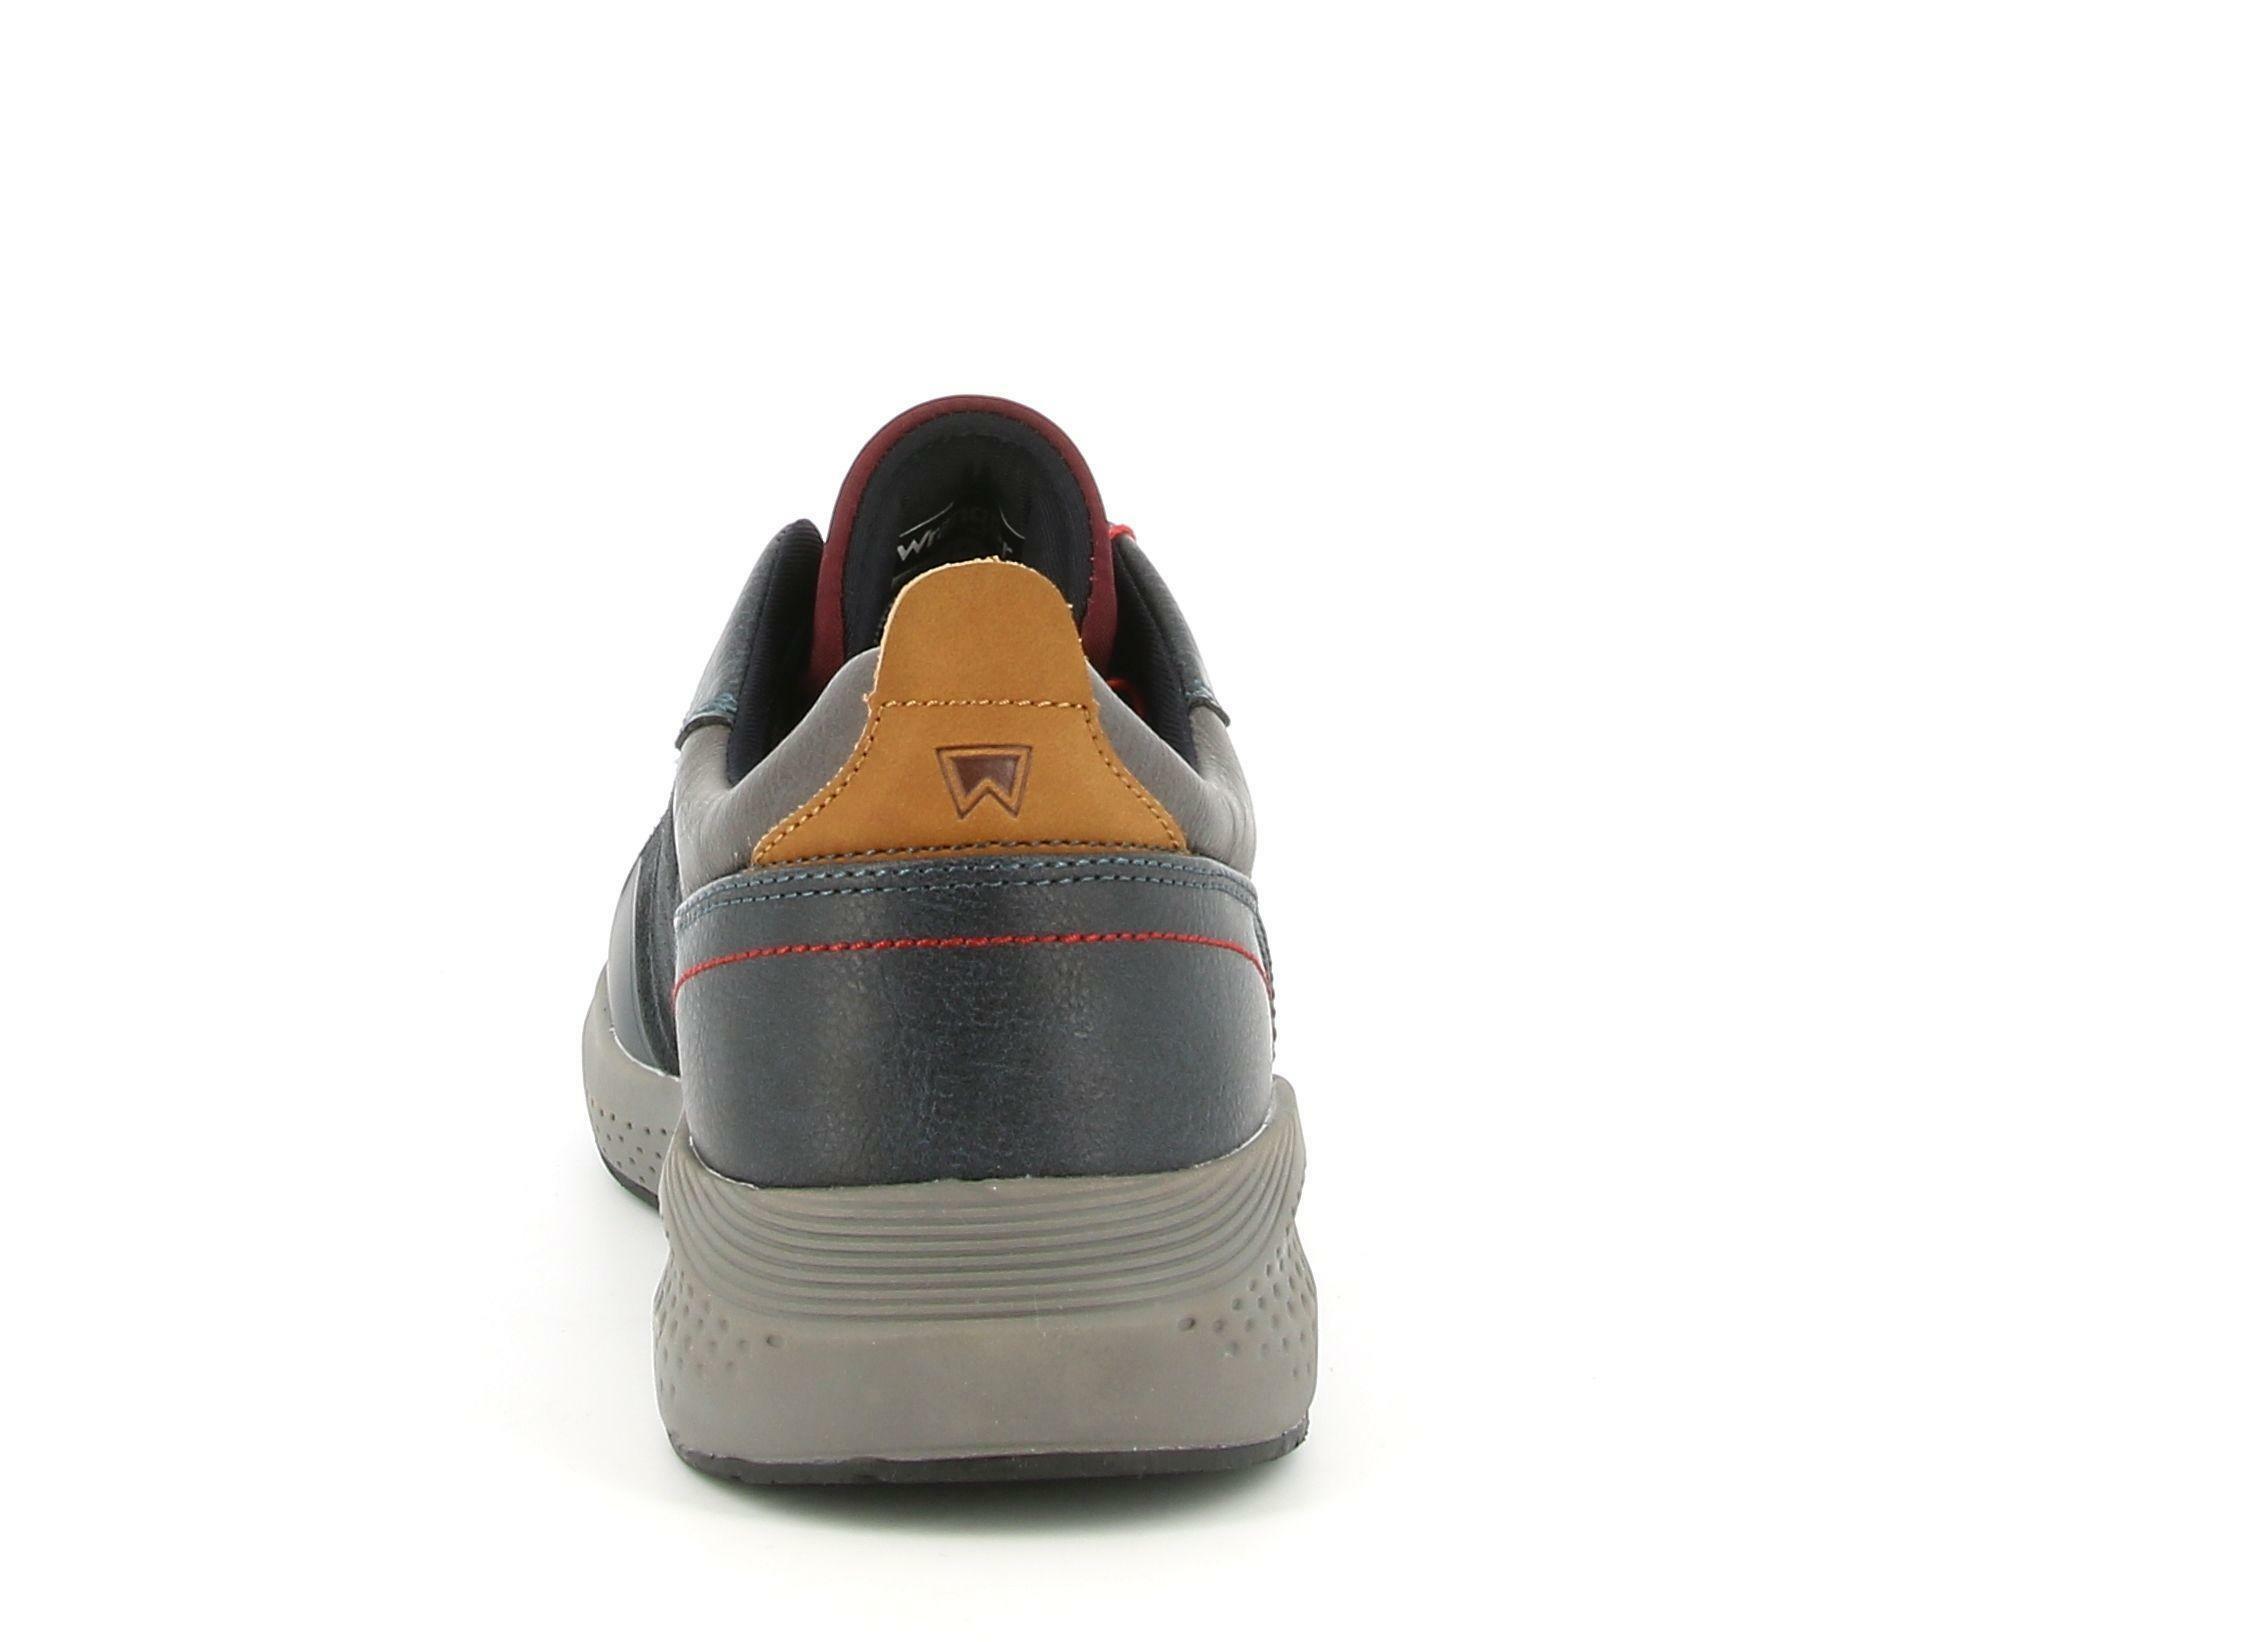 wrangler wrangler allacciato sportivo sequoia patch wm02090a blu scarpe da uomo